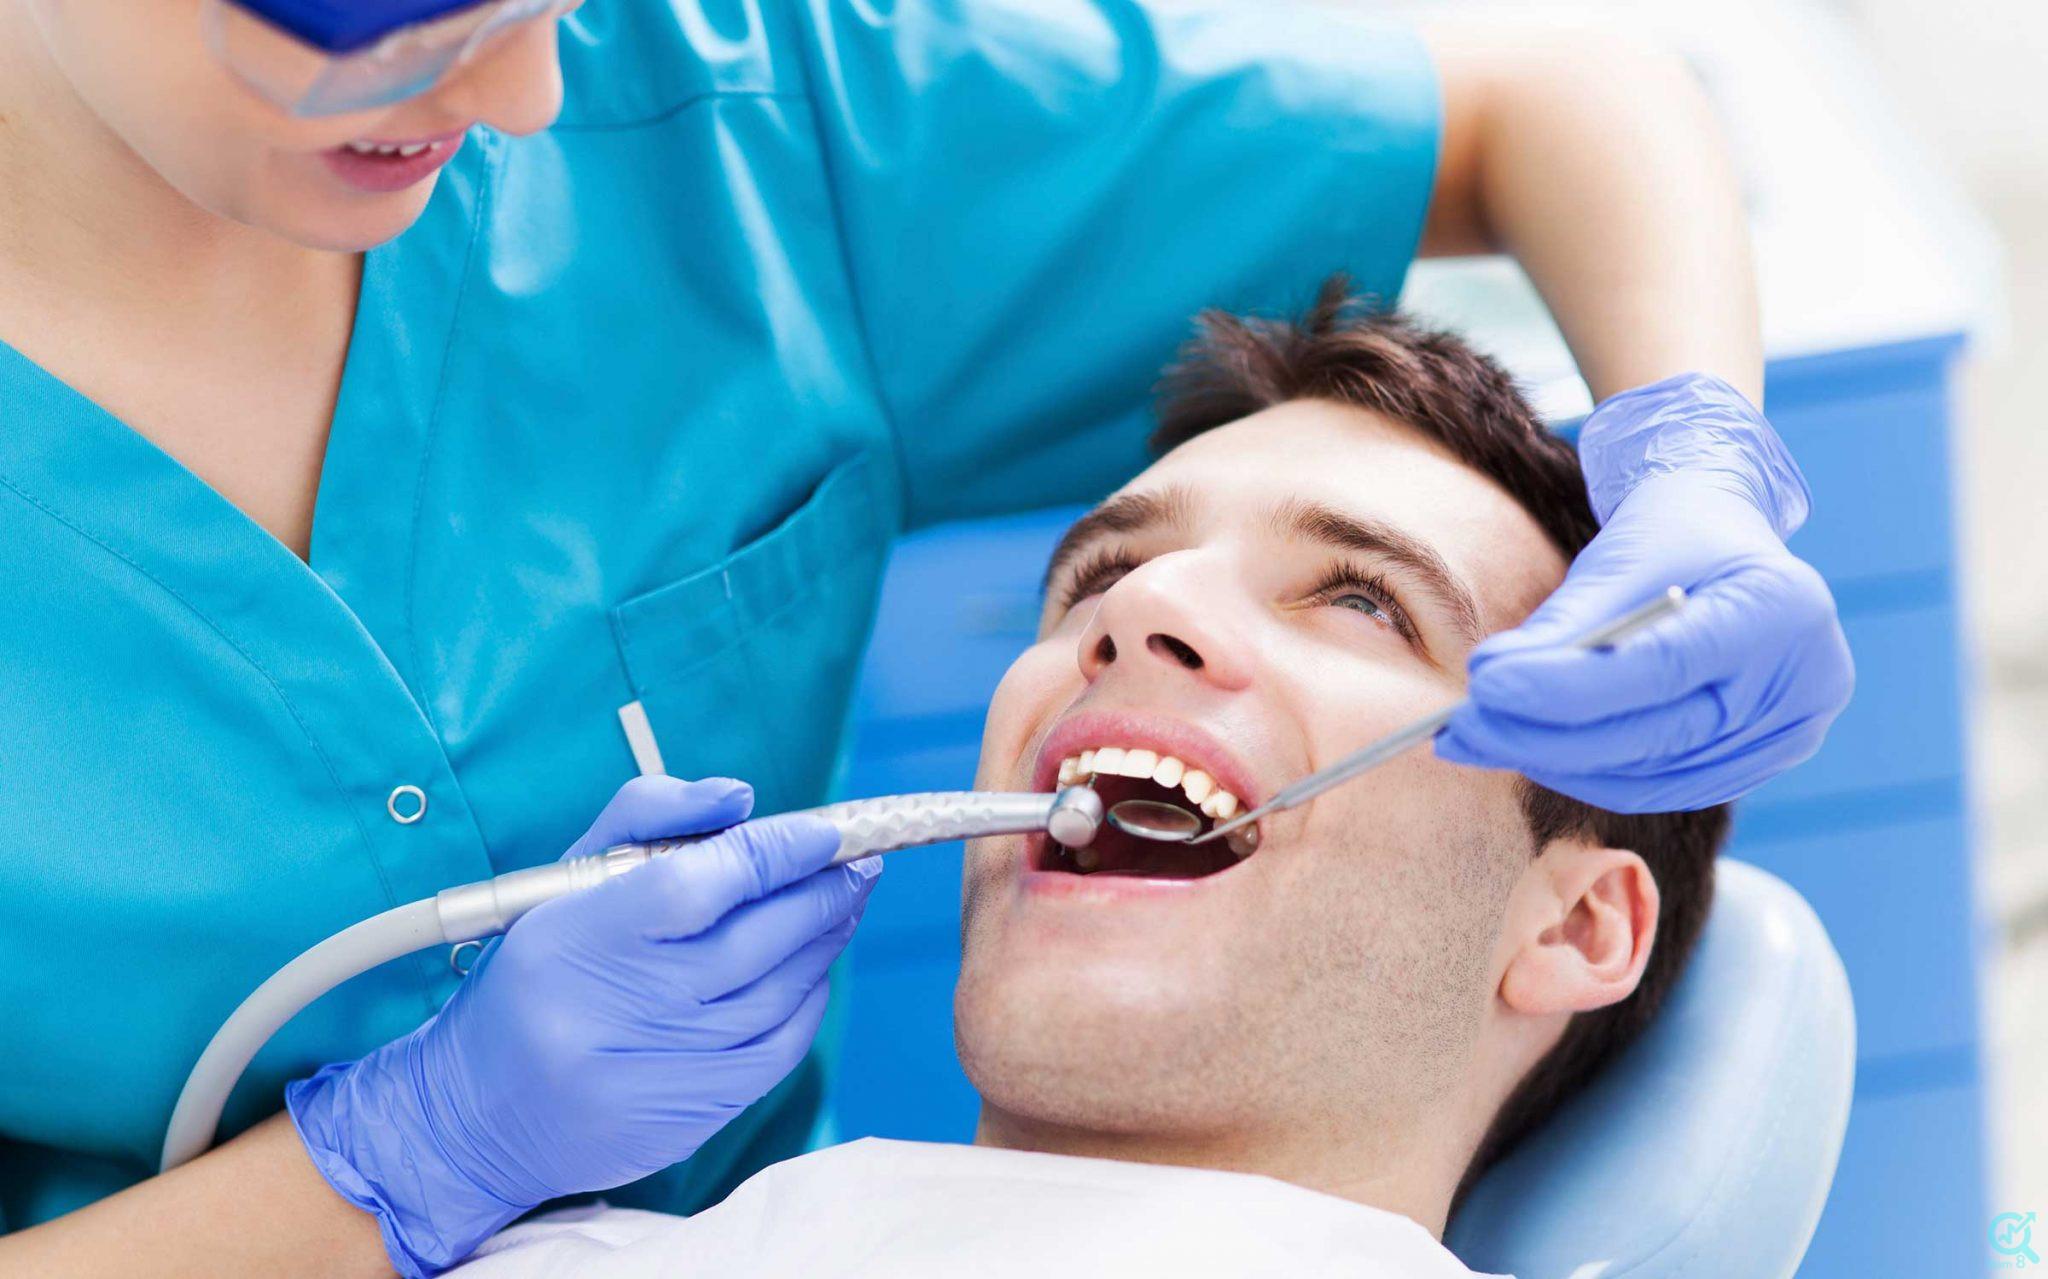 تولید محتوا برای سایت دندانپزشک